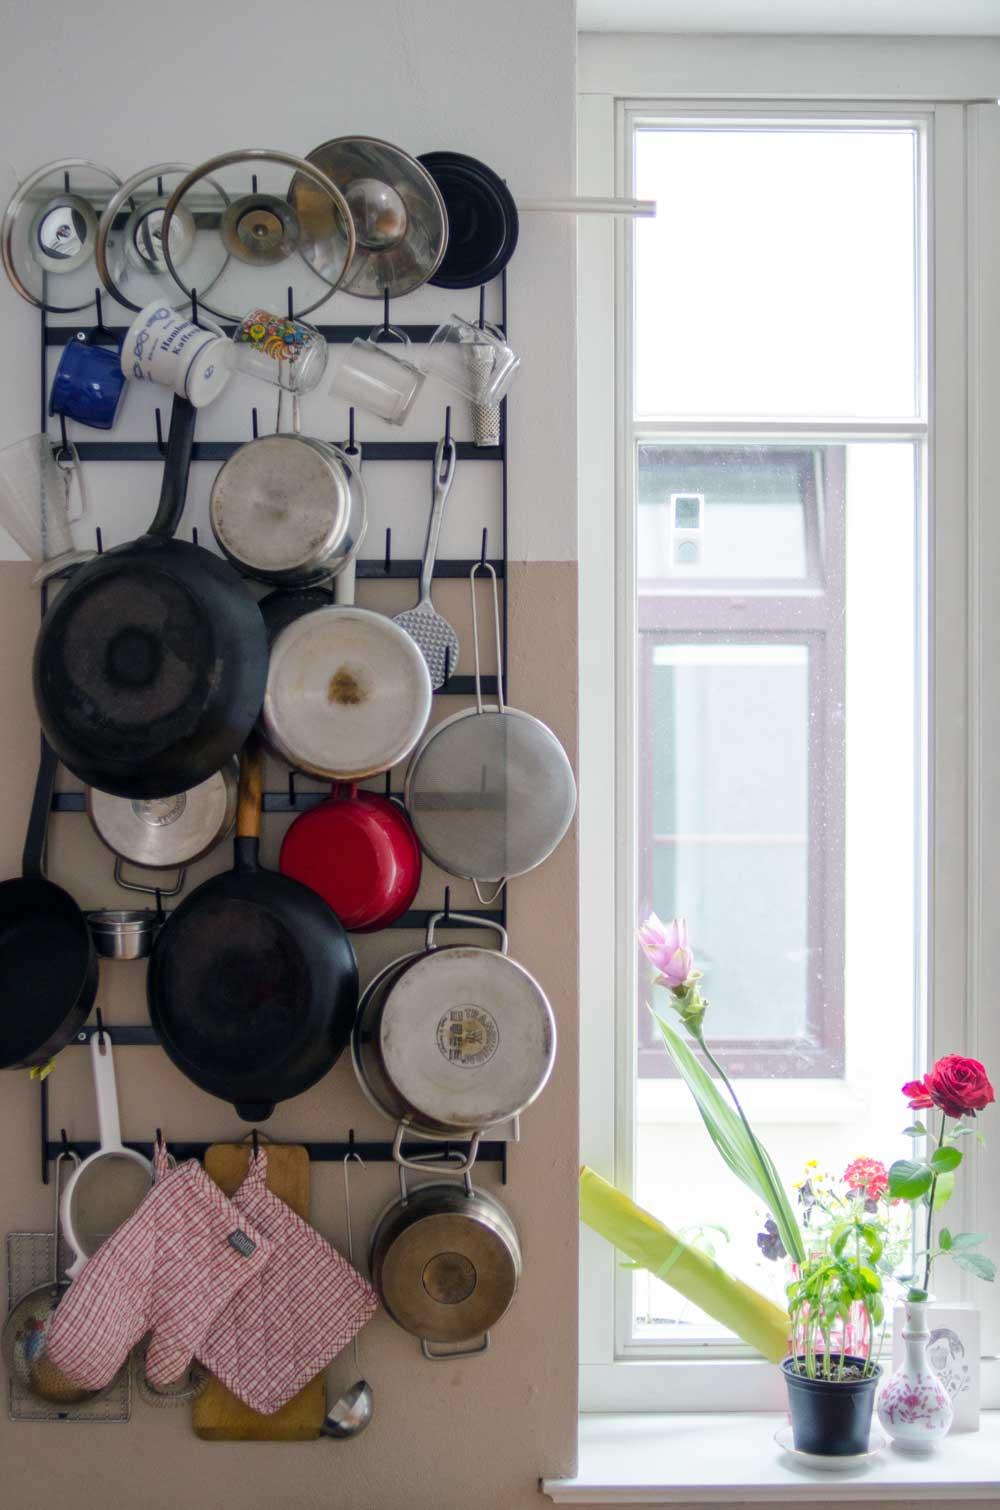 Individuell wohnen: Flaschentrockner als Aufbewahrung für Töpfe. Homestory Diana Laube, hamburgvoninnen.de